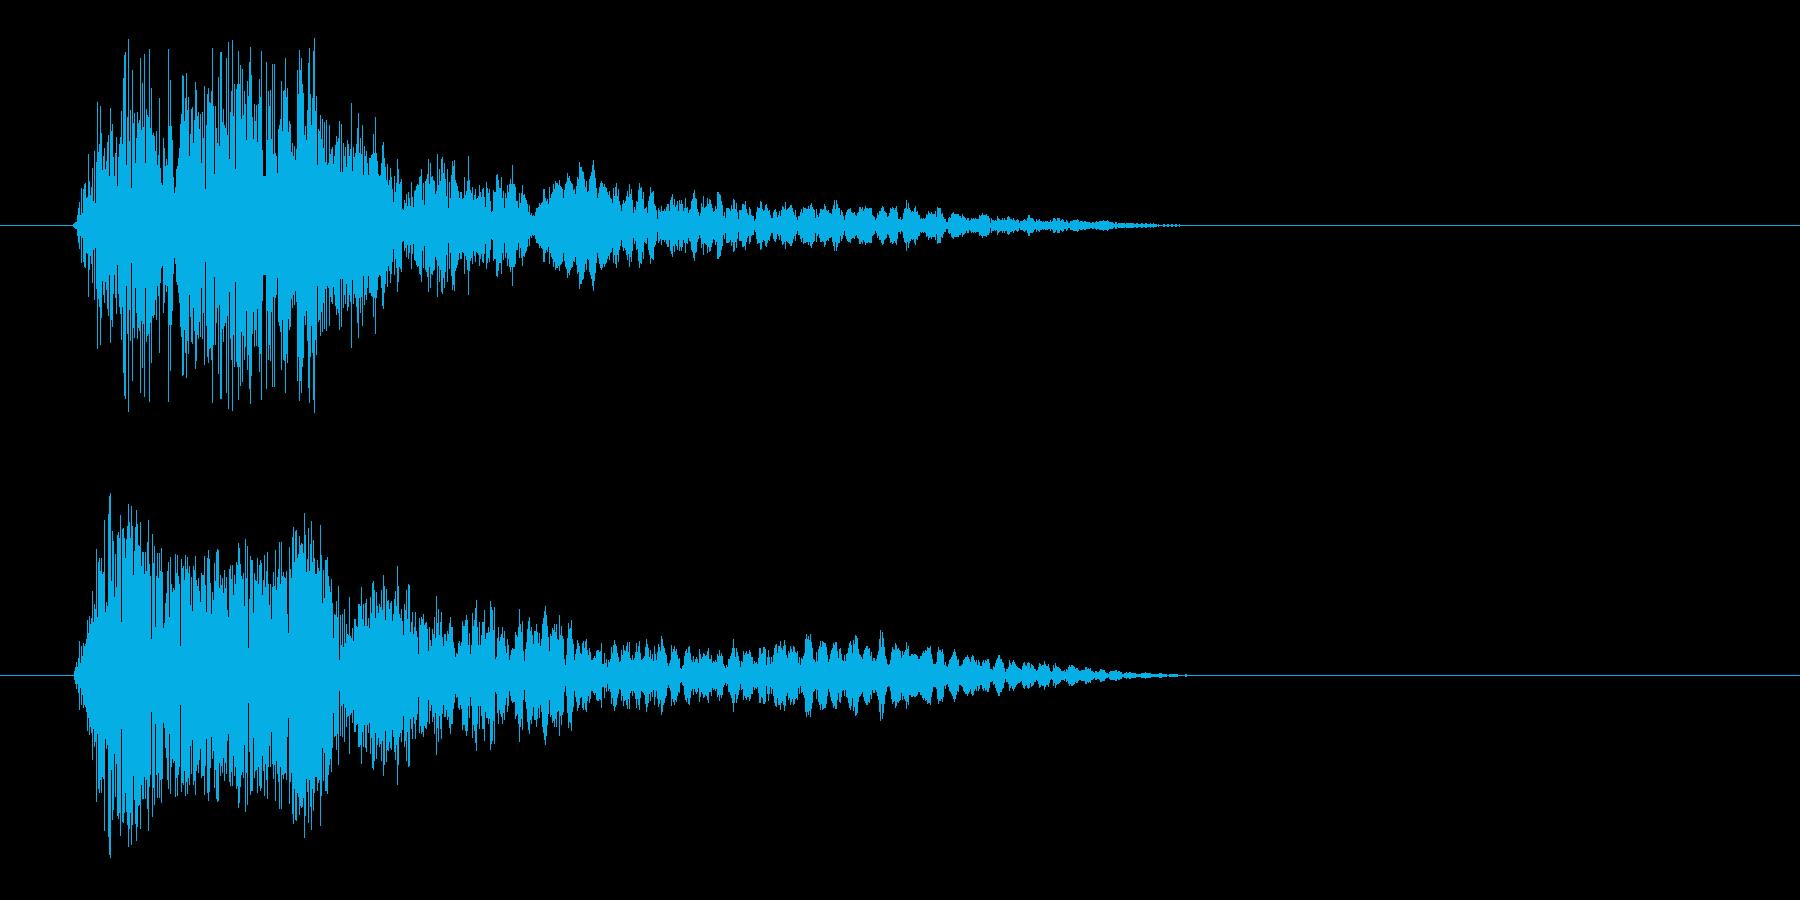 キョン(不意打ちを付かれた音)の再生済みの波形